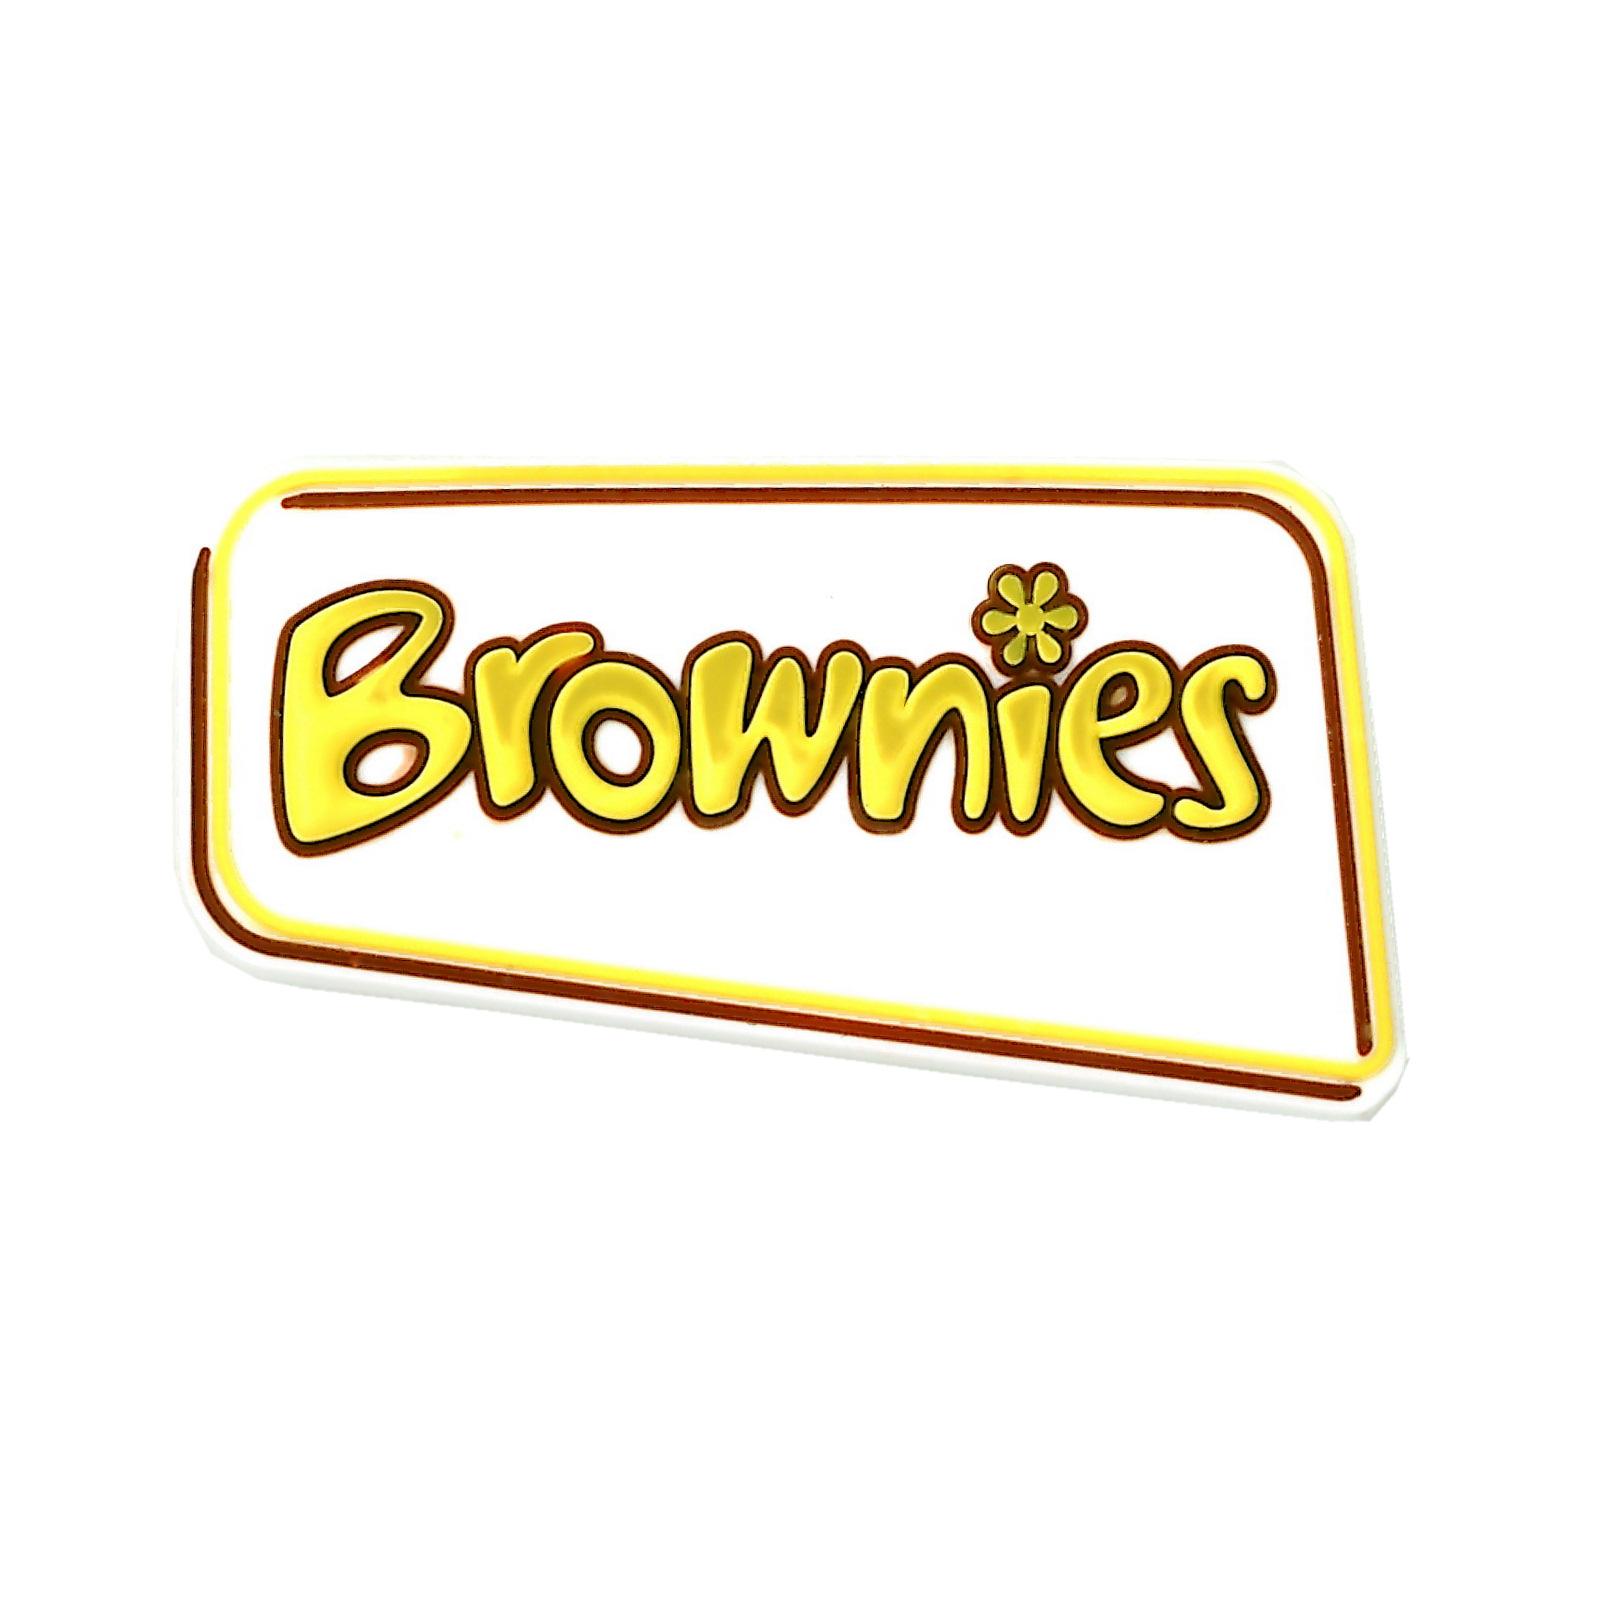 3137-brownie-logo-badge-2014.jpg